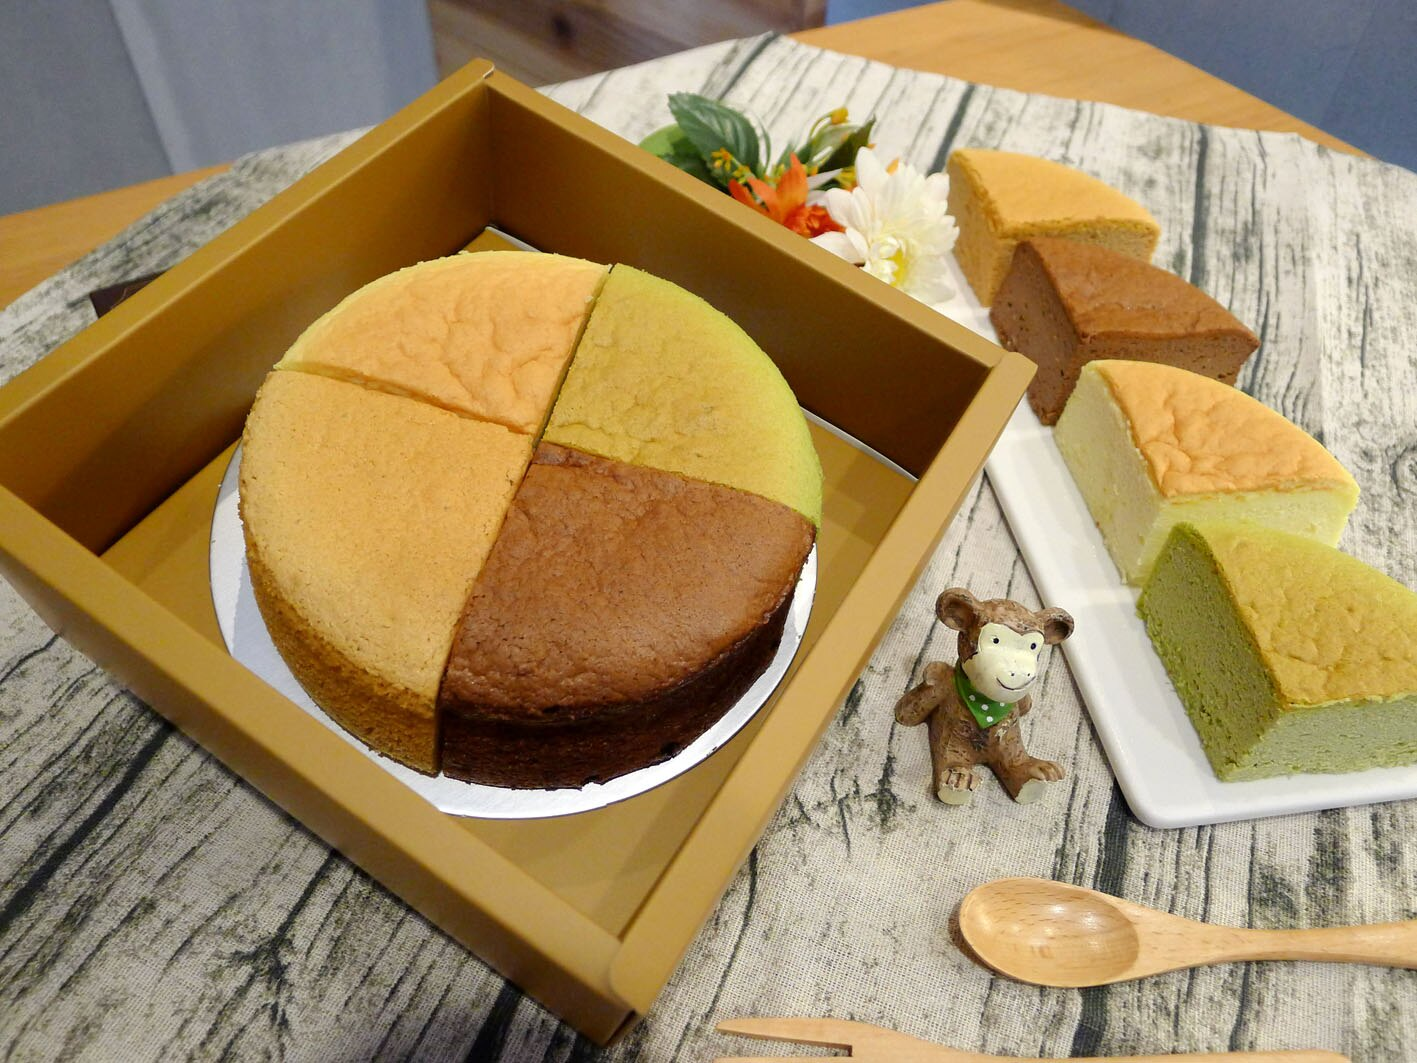 【輕。乳酪】六吋蛋糕│蛋奶素 原味/抹茶/巧克力/紅麴 軟綿綿像雲朵般的口感,蛋糕體細膩、輕盈、鬆軟又濕潤!280克±5%/盒 0